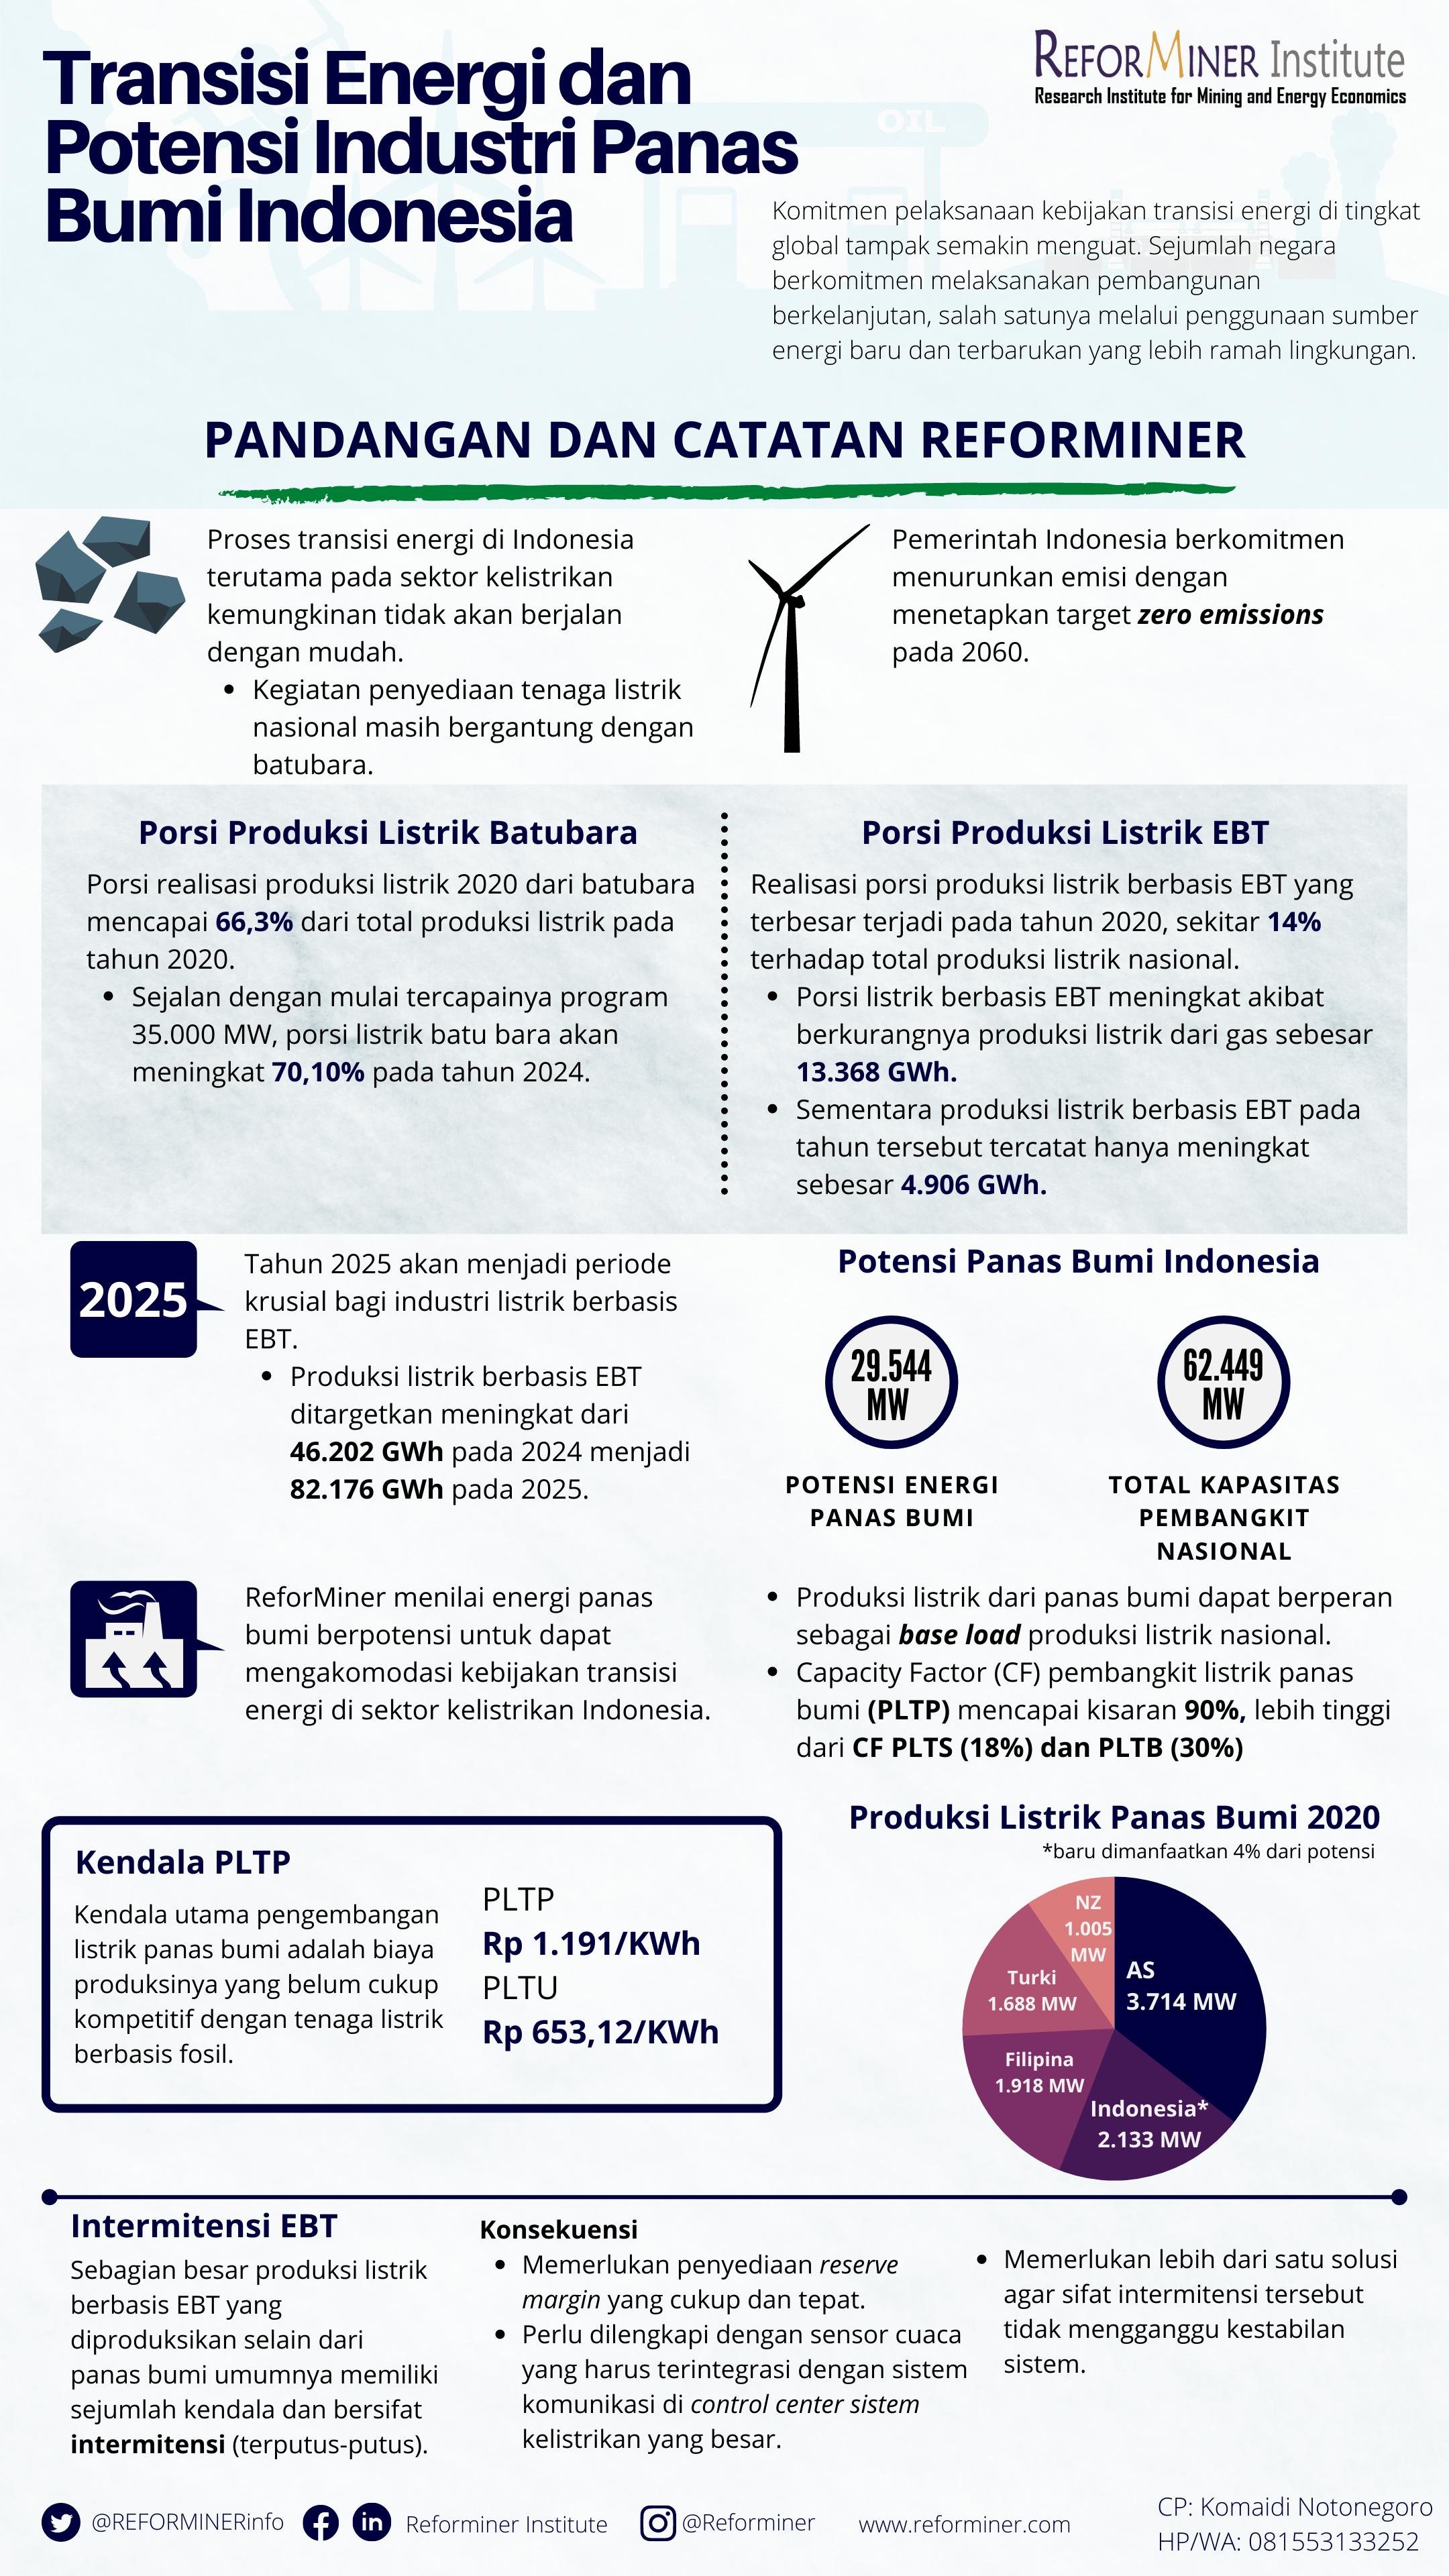 Transisi Energi dan Potensi Industri Panas Bumi Indonesia